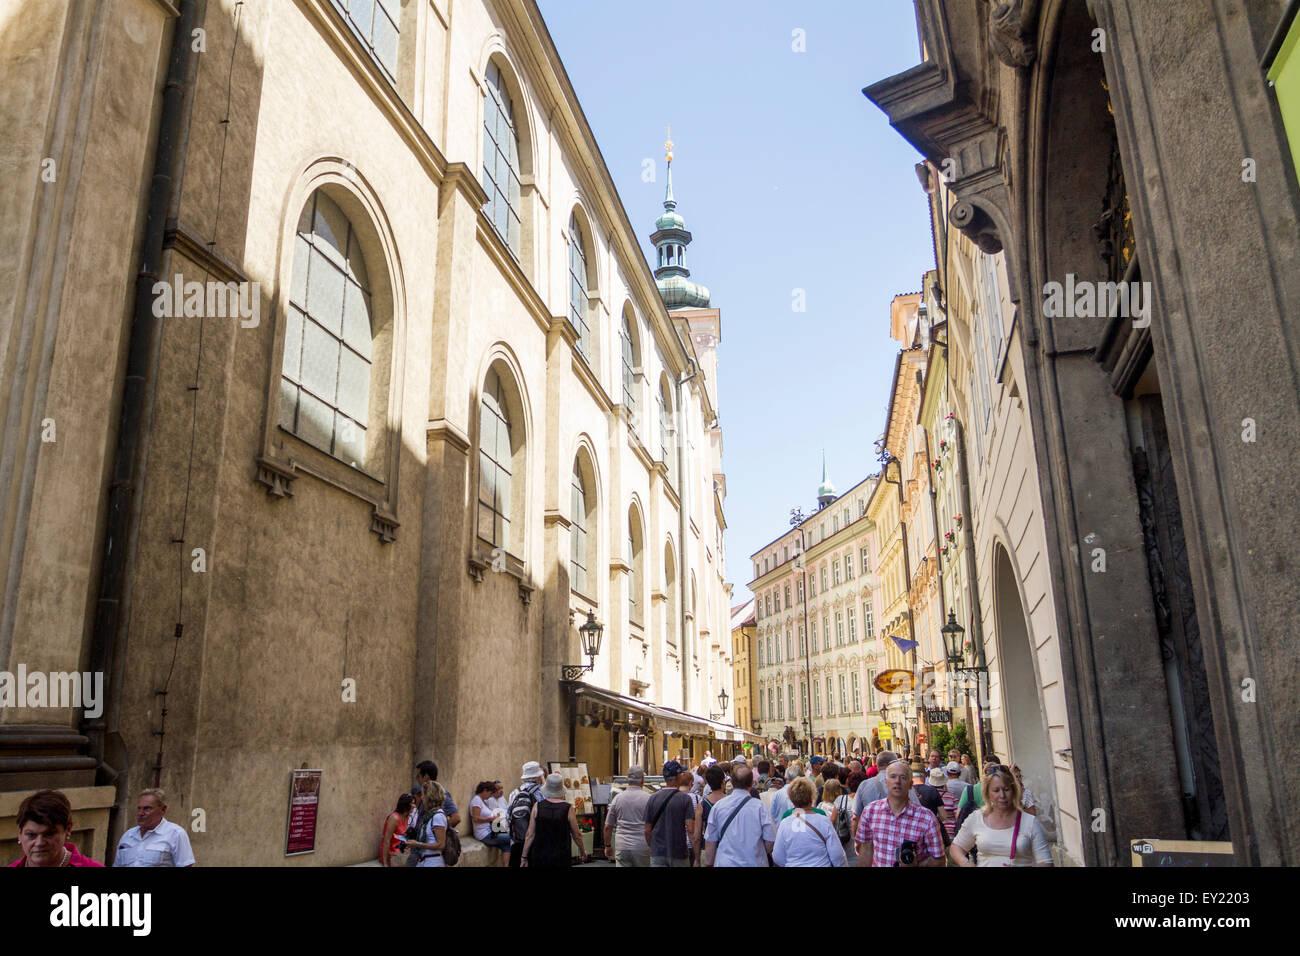 Czech street full